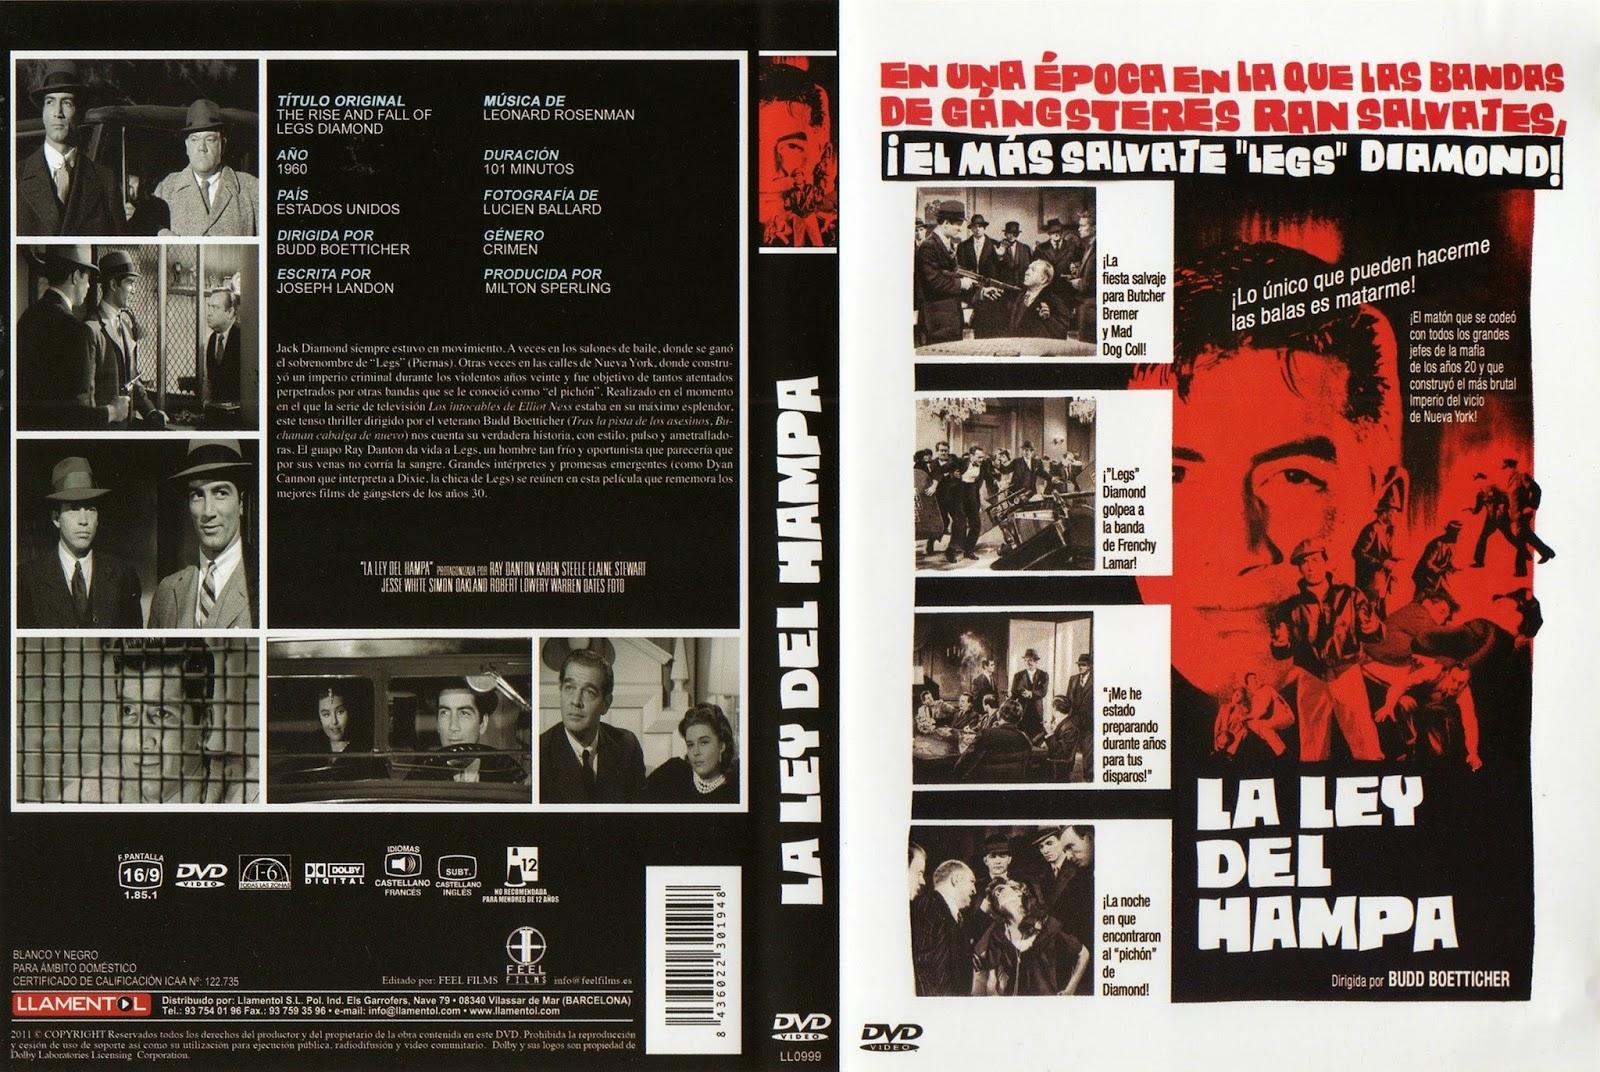 La ley del Hampa (1960 - The Rise and Fall of Legs Diamond )